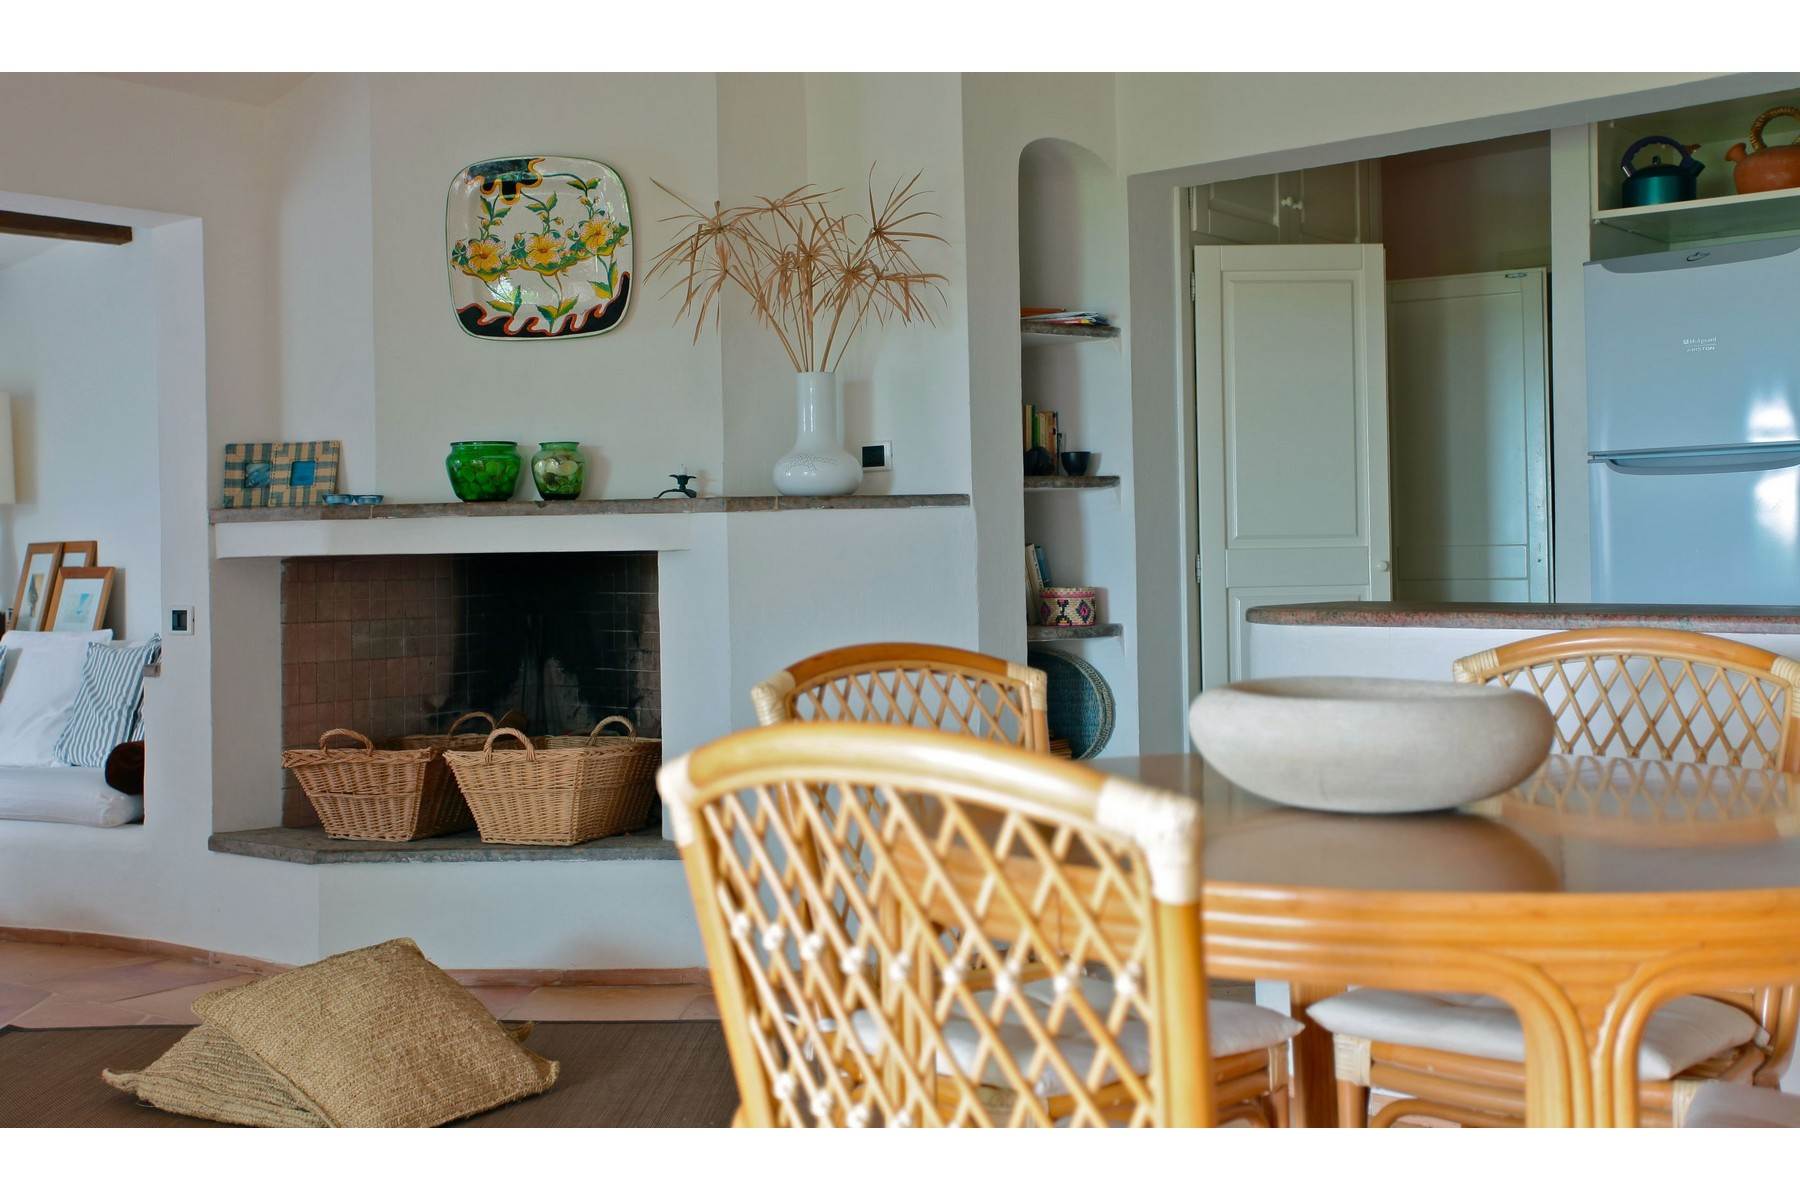 Casa indipendente in Vendita a Arzachena: 5 locali, 117 mq - Foto 6